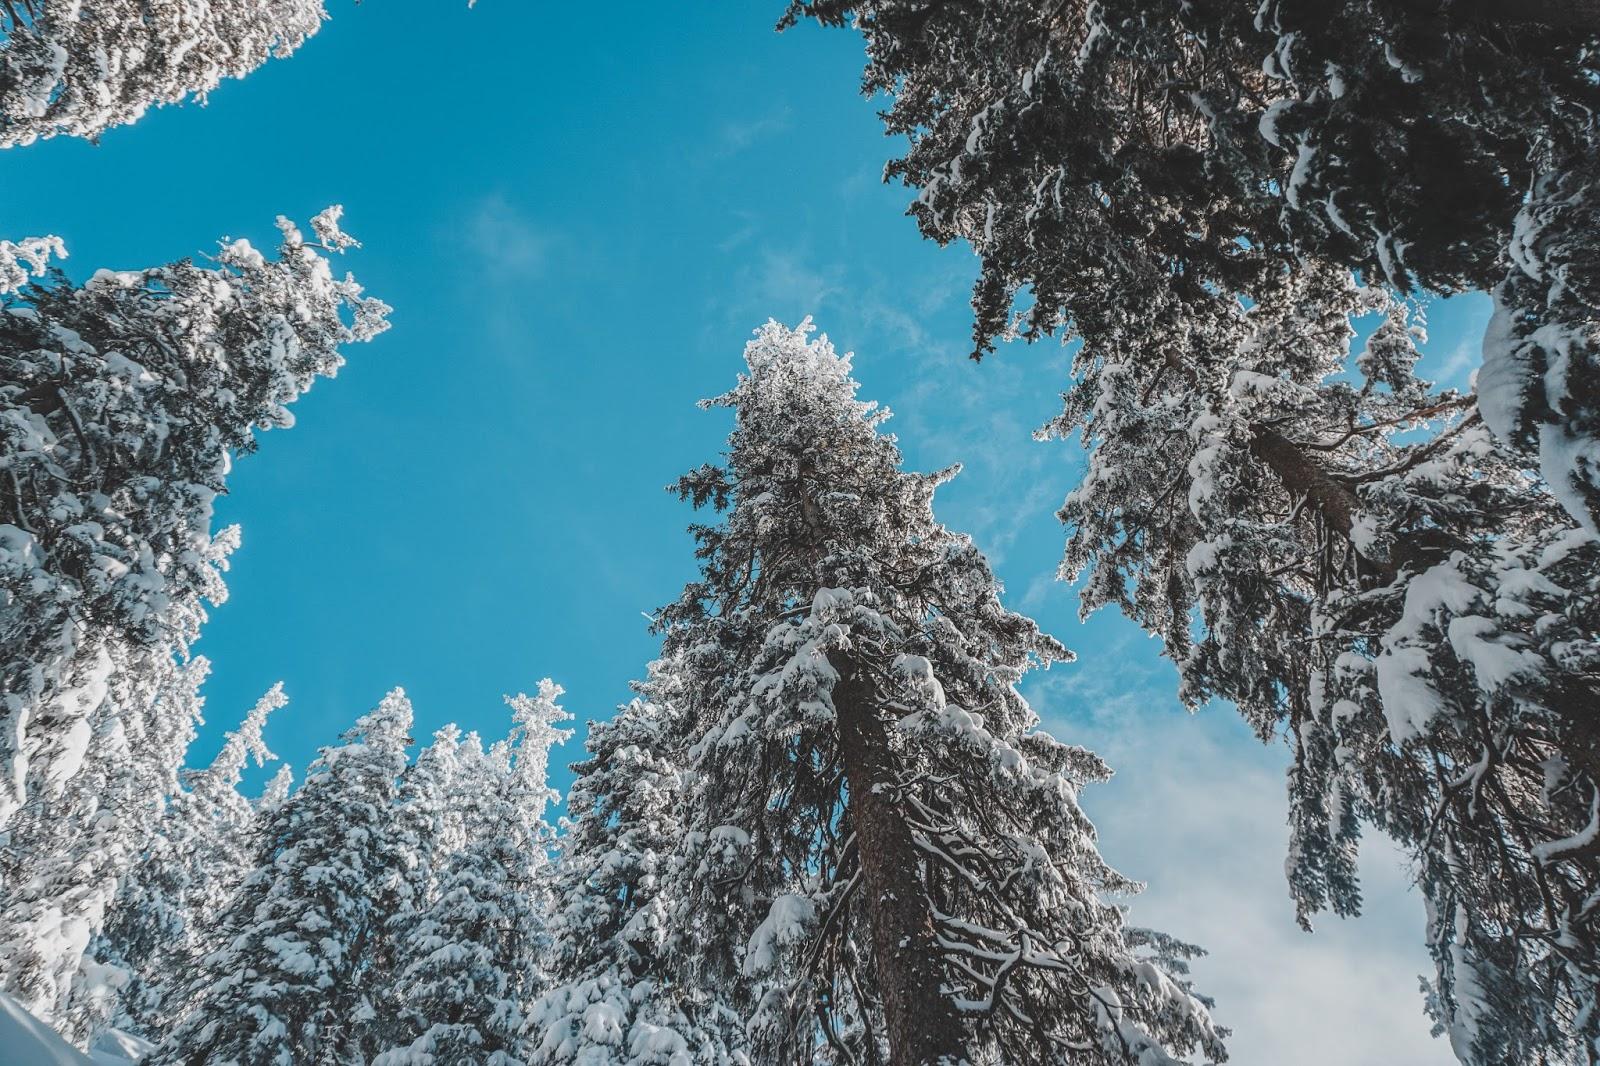 Austria trekking, blog o życiu w Austrii, blog lifestyle, blog podróżniczy, co warto zobaczyć w Austrii, trasa trekkingowa w Austrii, Austria zimą, góry, Alpy